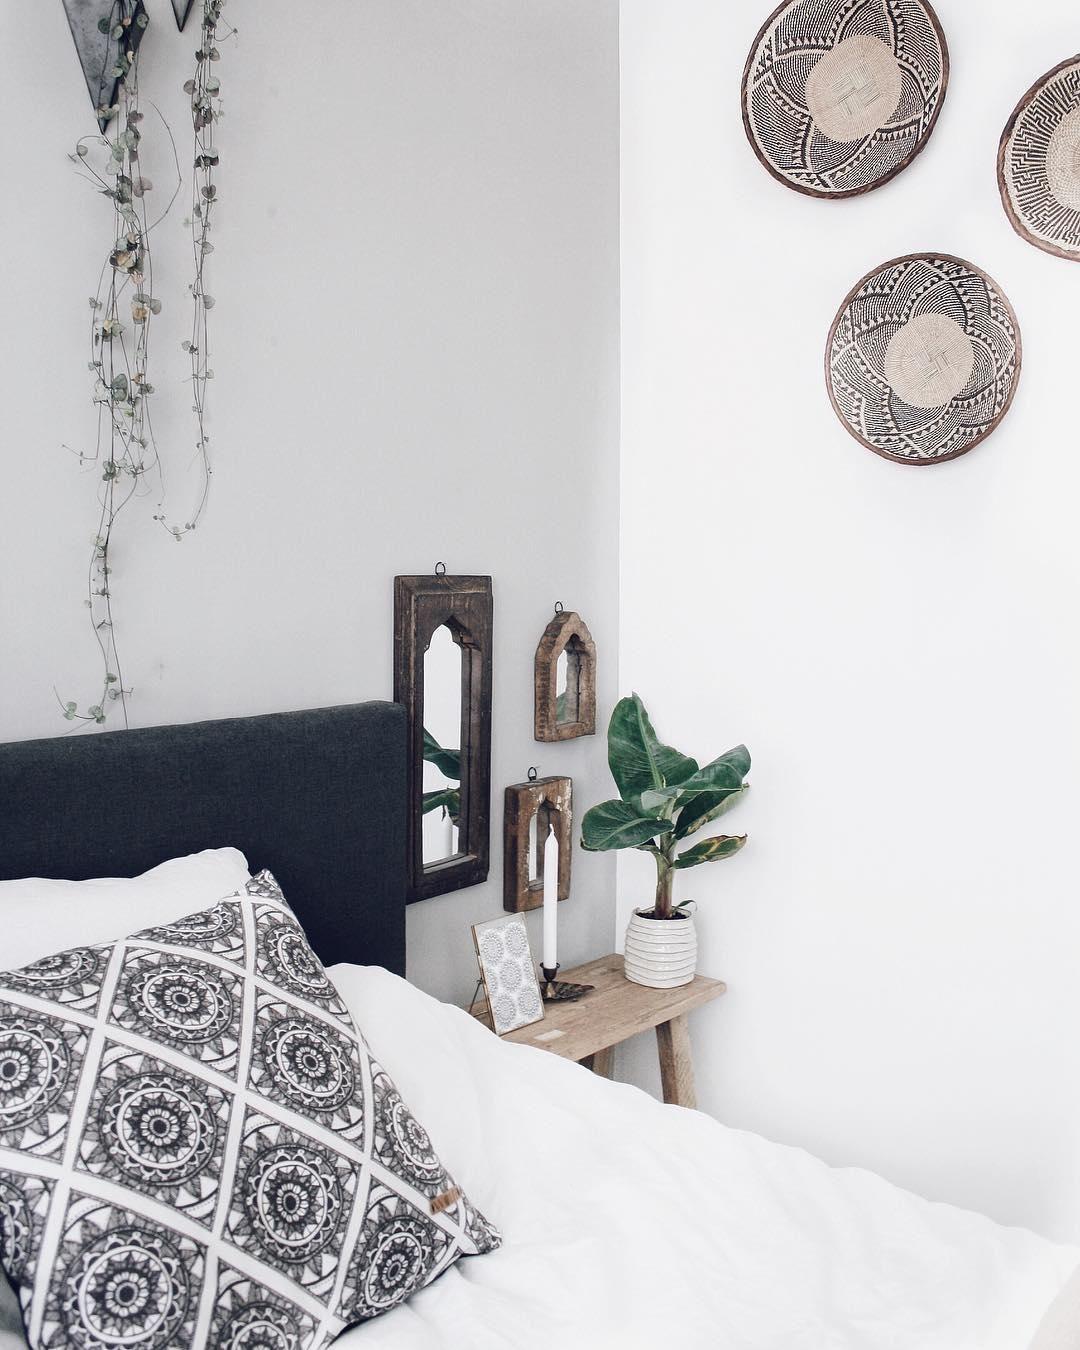 In Diesem Schlafzimmer Sind Süße Träume Vorprogrammiert. Der Hocker Rustic  Aus Teakholz